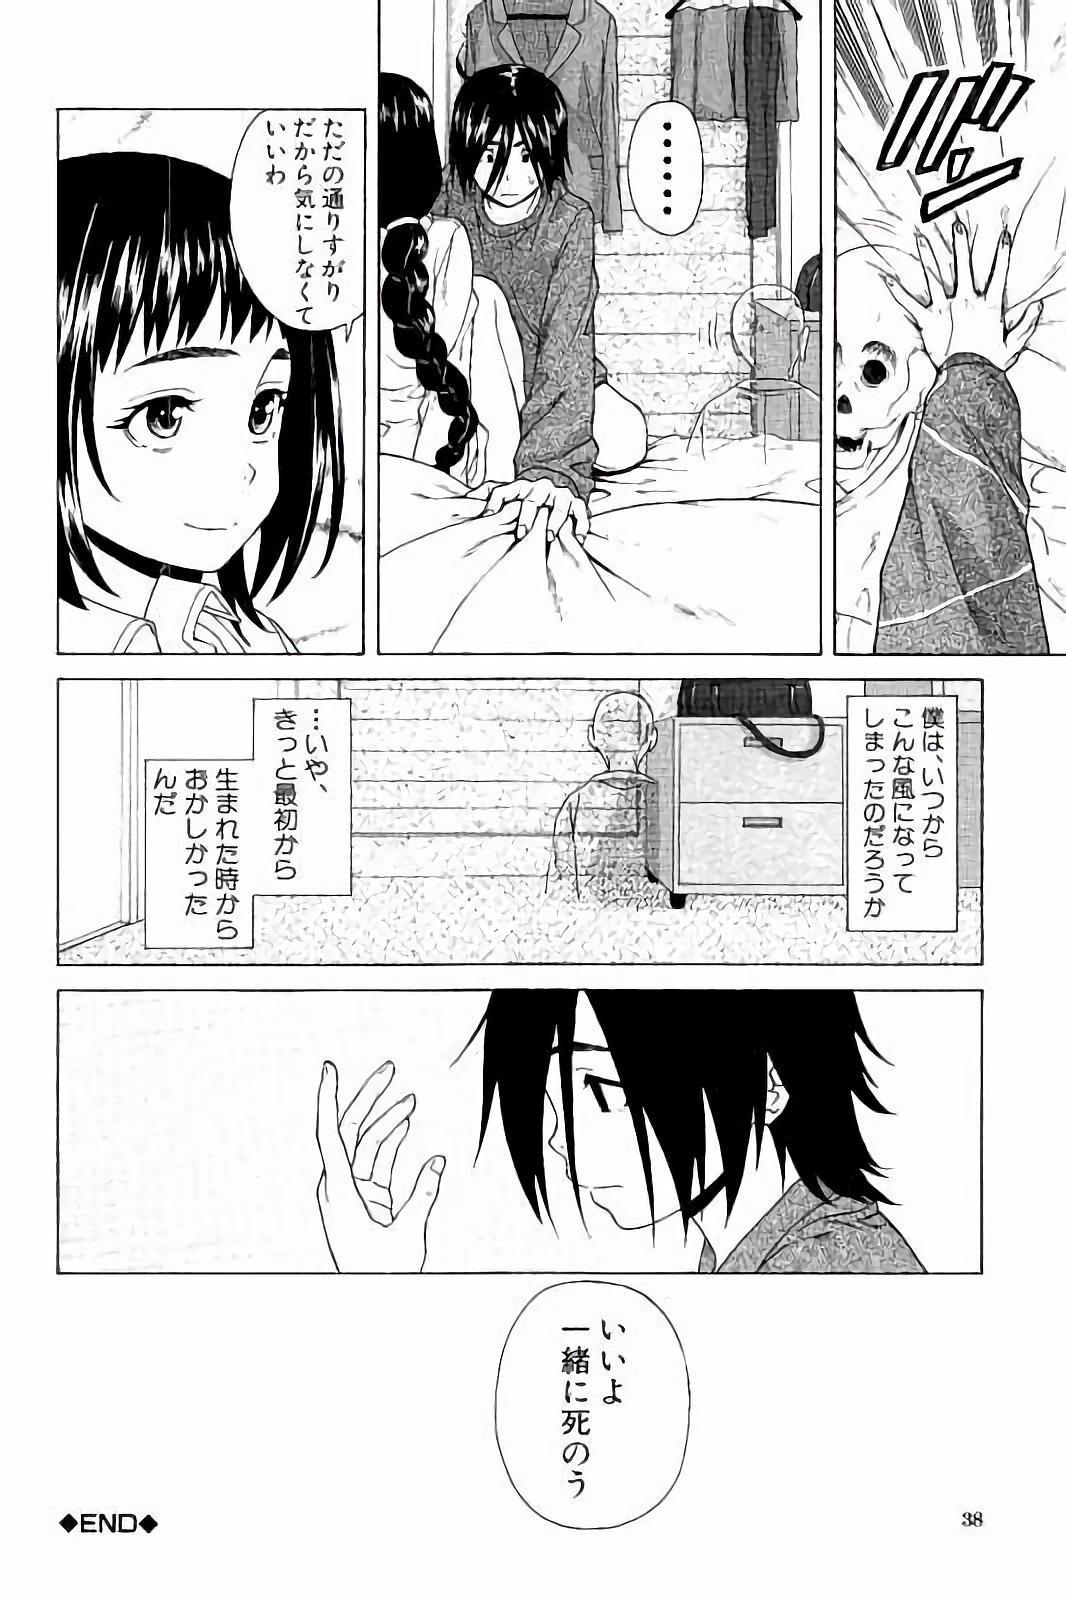 Ane no Himitsu To Boku no Jisatsu 35